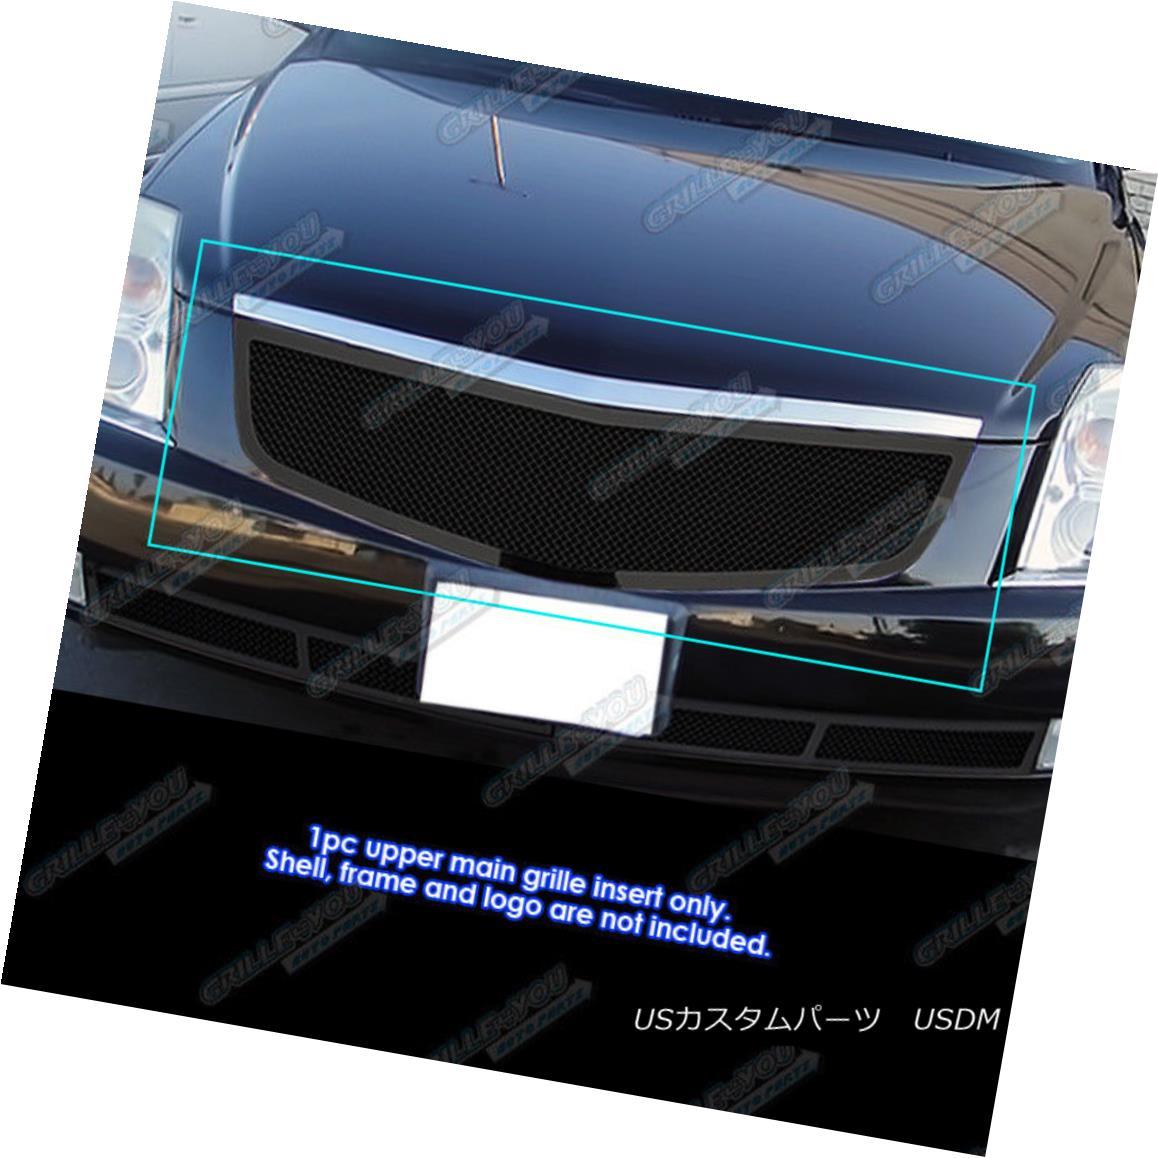 グリル Fits 2006-2011 Cadillac DTS Black Stainless Steel Grille Grill Insert 2006-2011キャデラックDTSブラックステンレスグリルグリルインサート